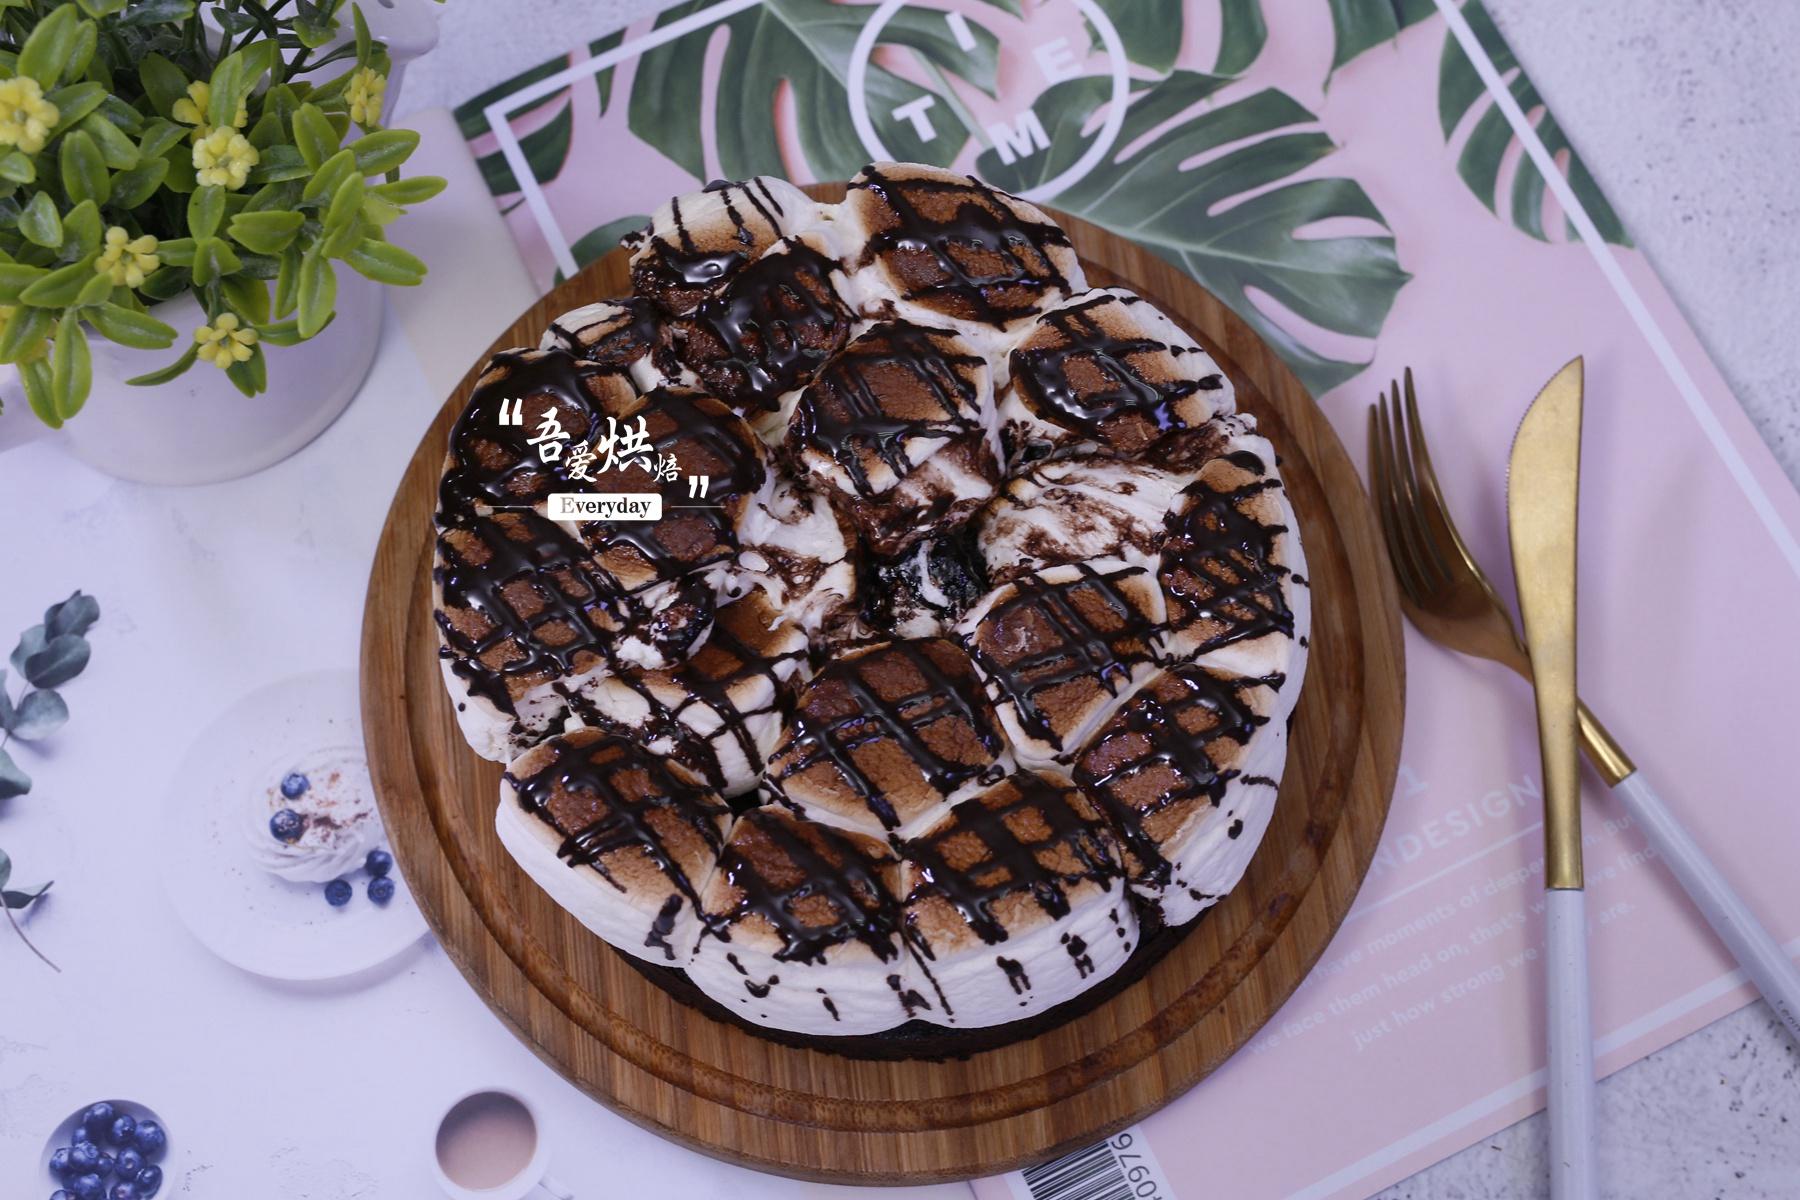 吃不完的棉花糖做成蛋糕,外焦里嫩,口感丰厚